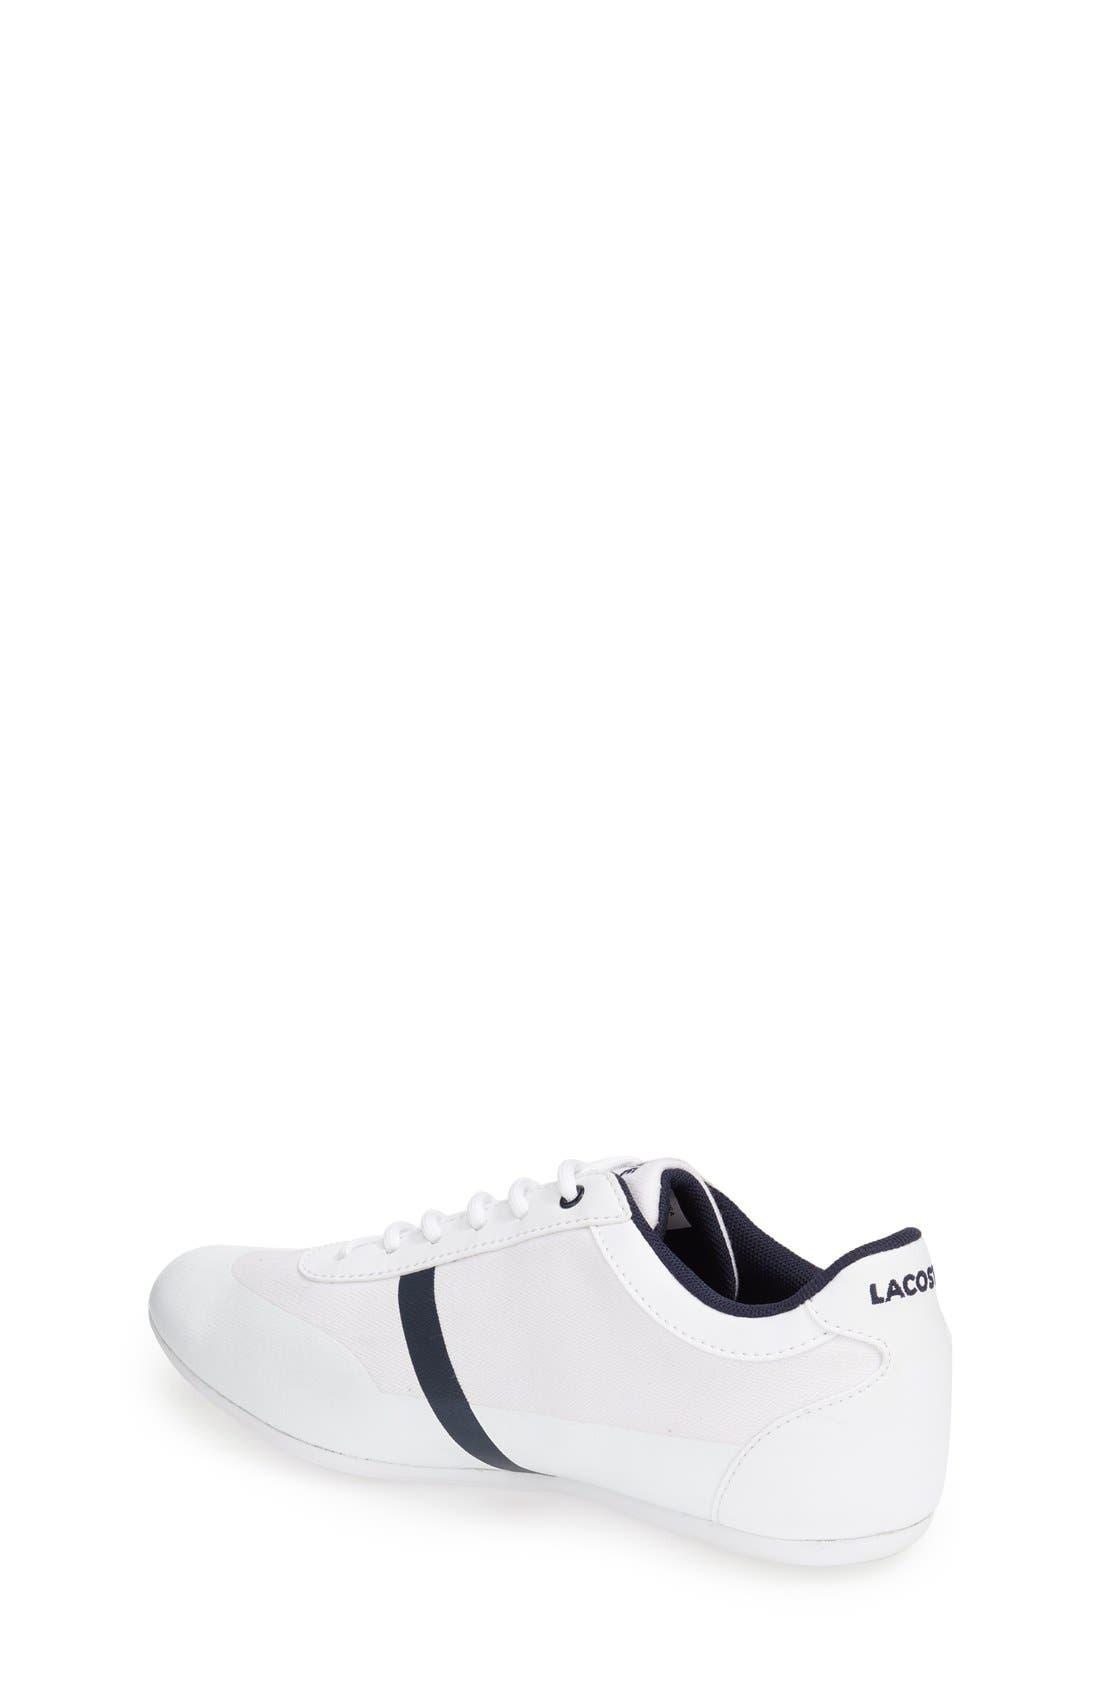 'Misano' Sport Sneaker,                             Alternate thumbnail 2, color,                             White